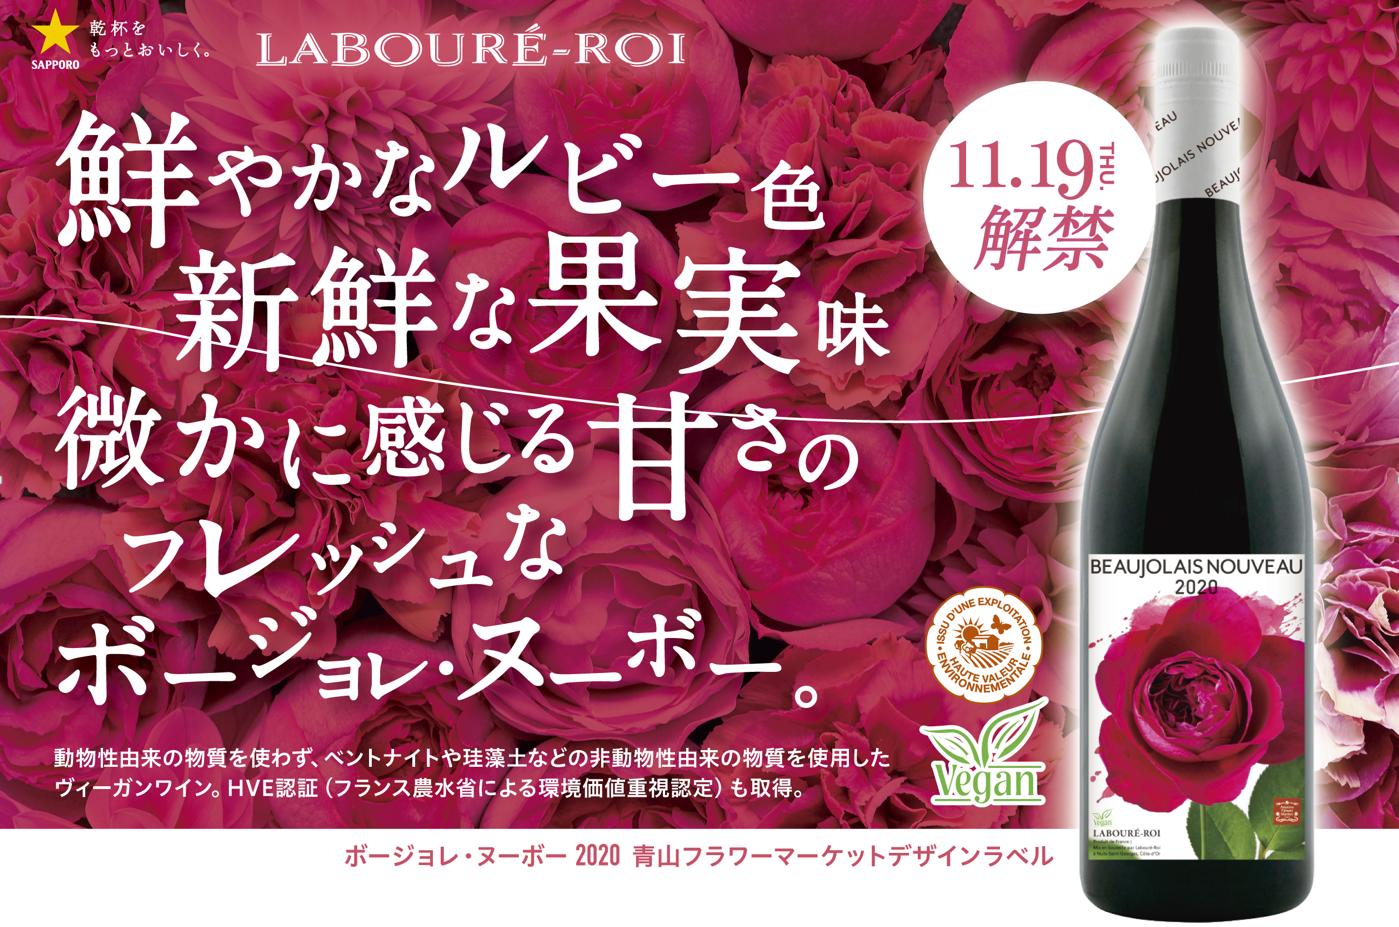 ラブレ・ロワ ボージョレ・ヌーボー 2020のワインボトルと味わいの説明